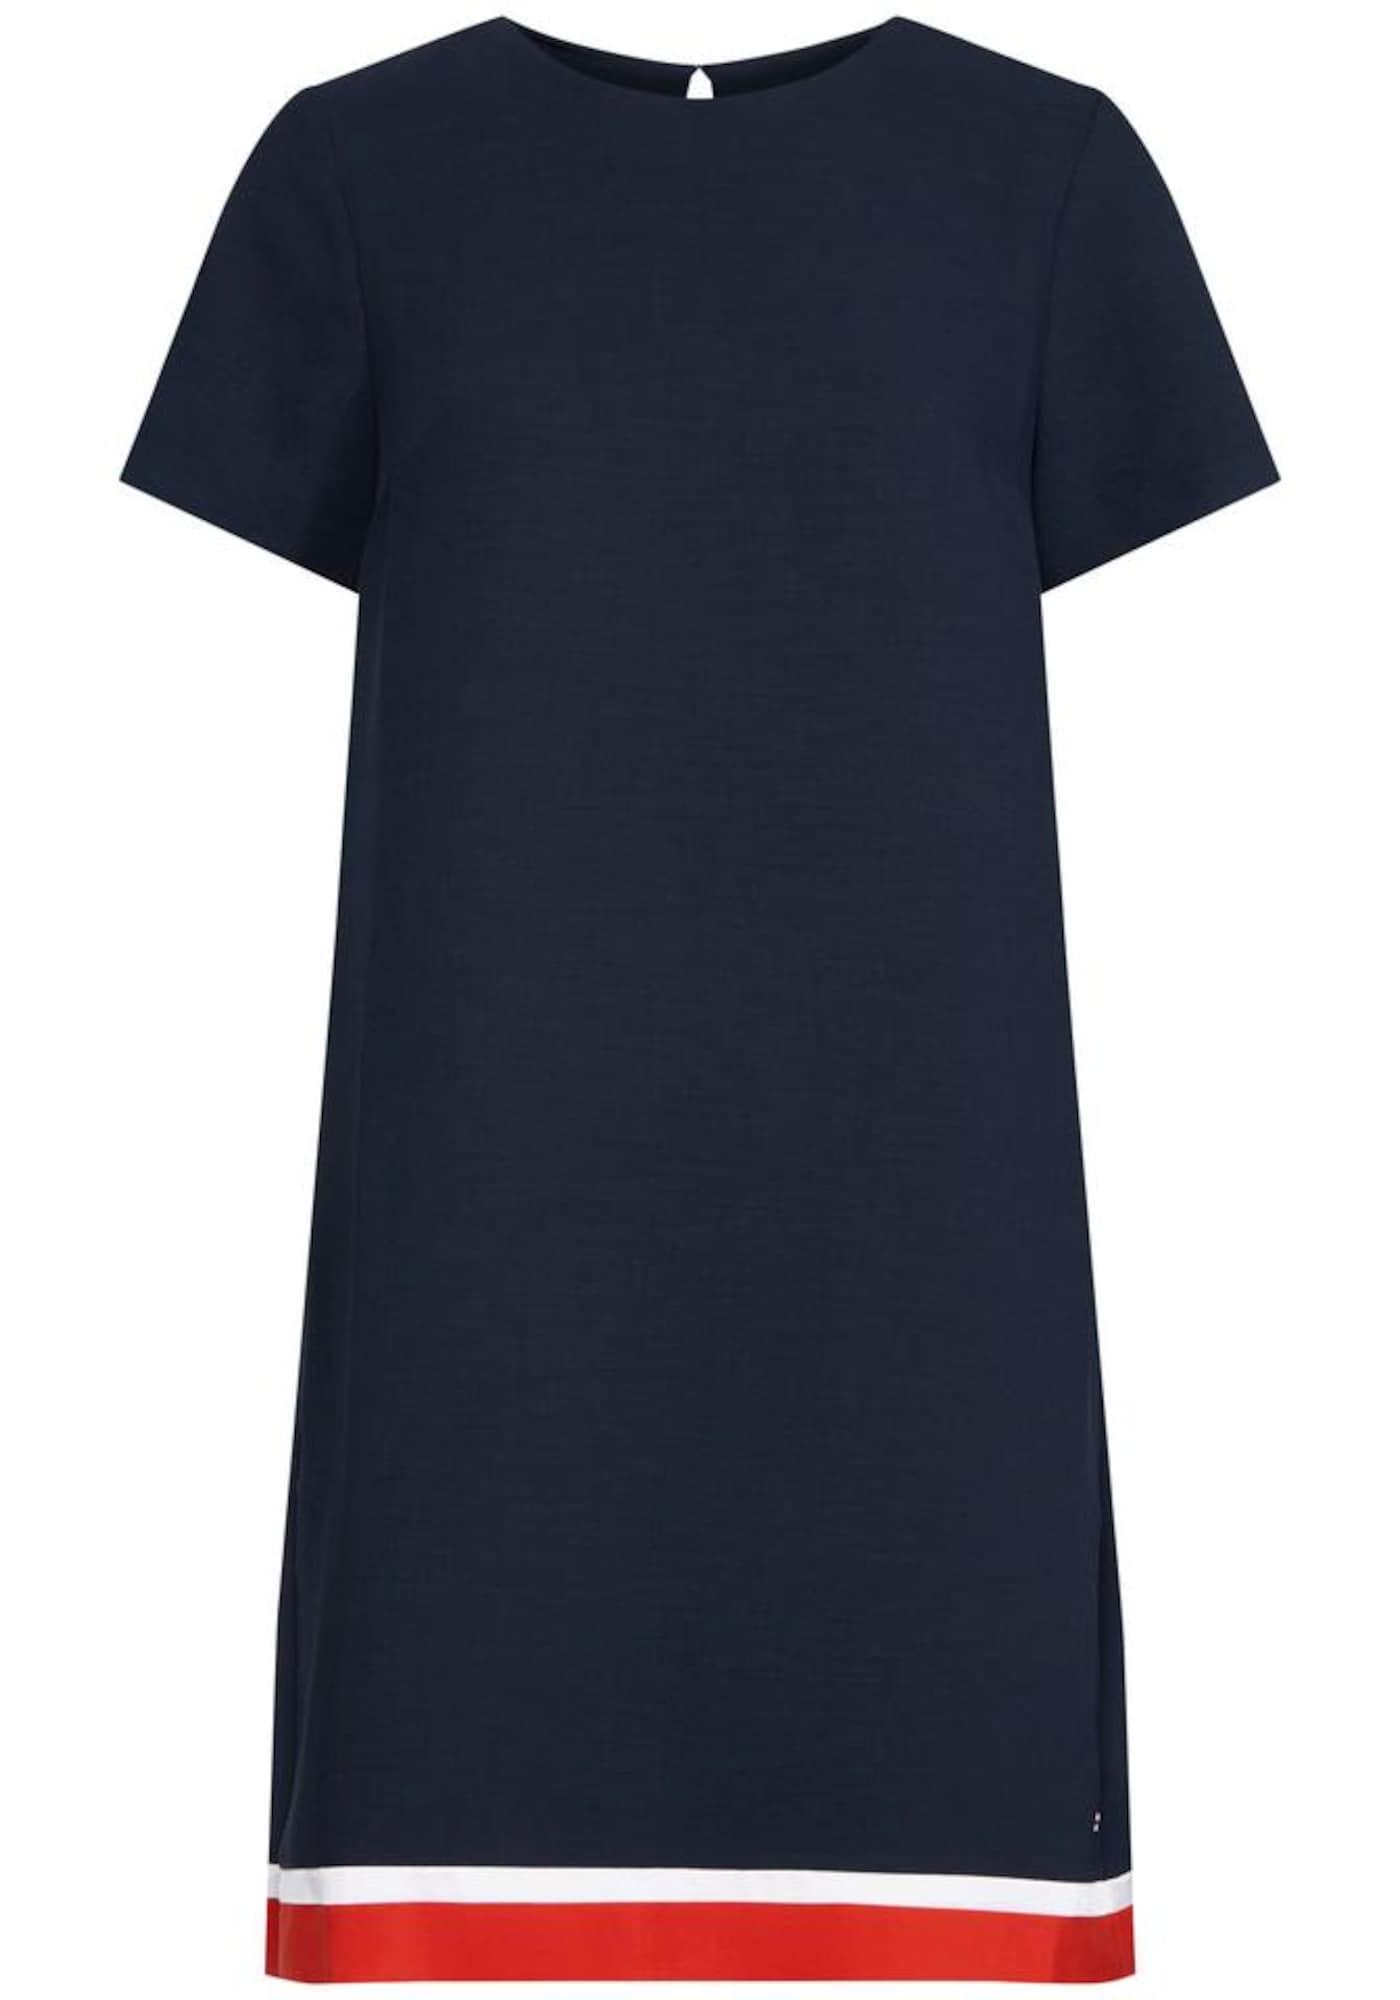 Shirtkleid | Bekleidung > Kleider > Shirtkleider | Dunkelblau - Rot - Weiß | Tommy Hilfiger